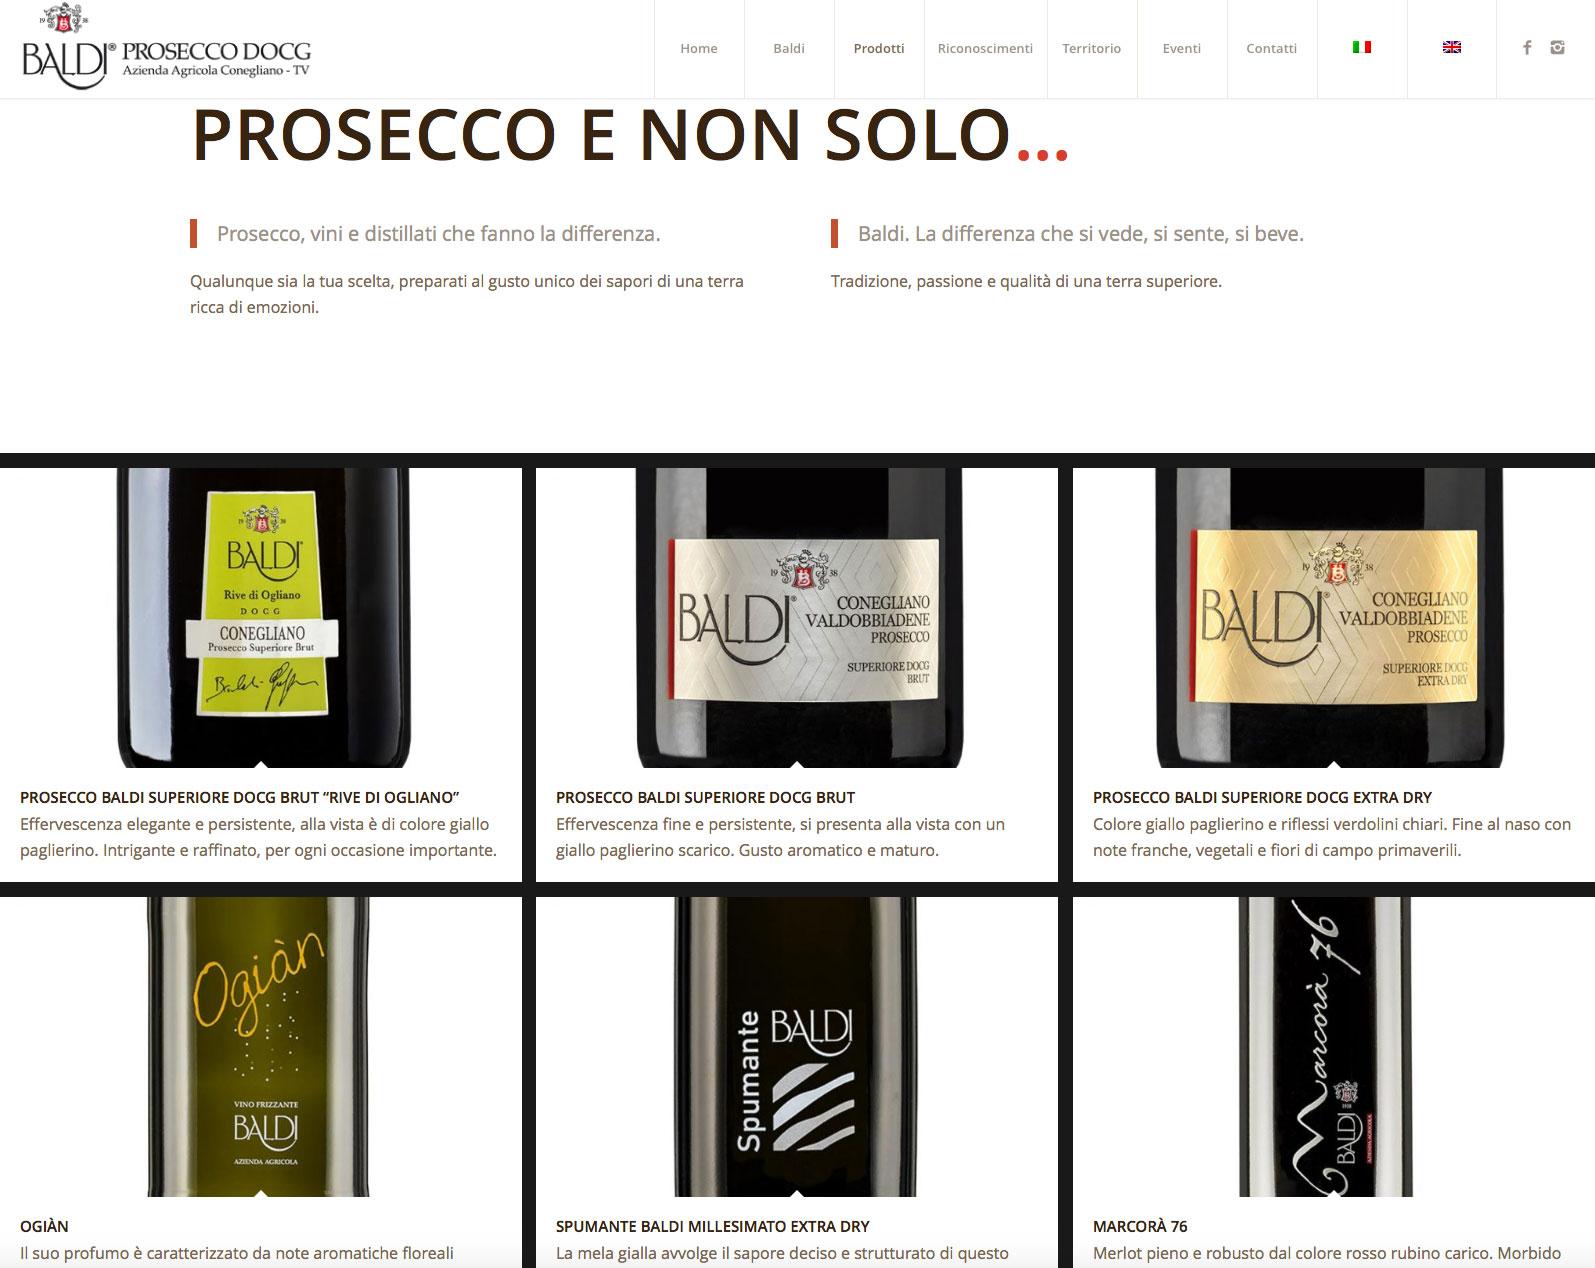 Baldi Azienda Agricola Brand Identity